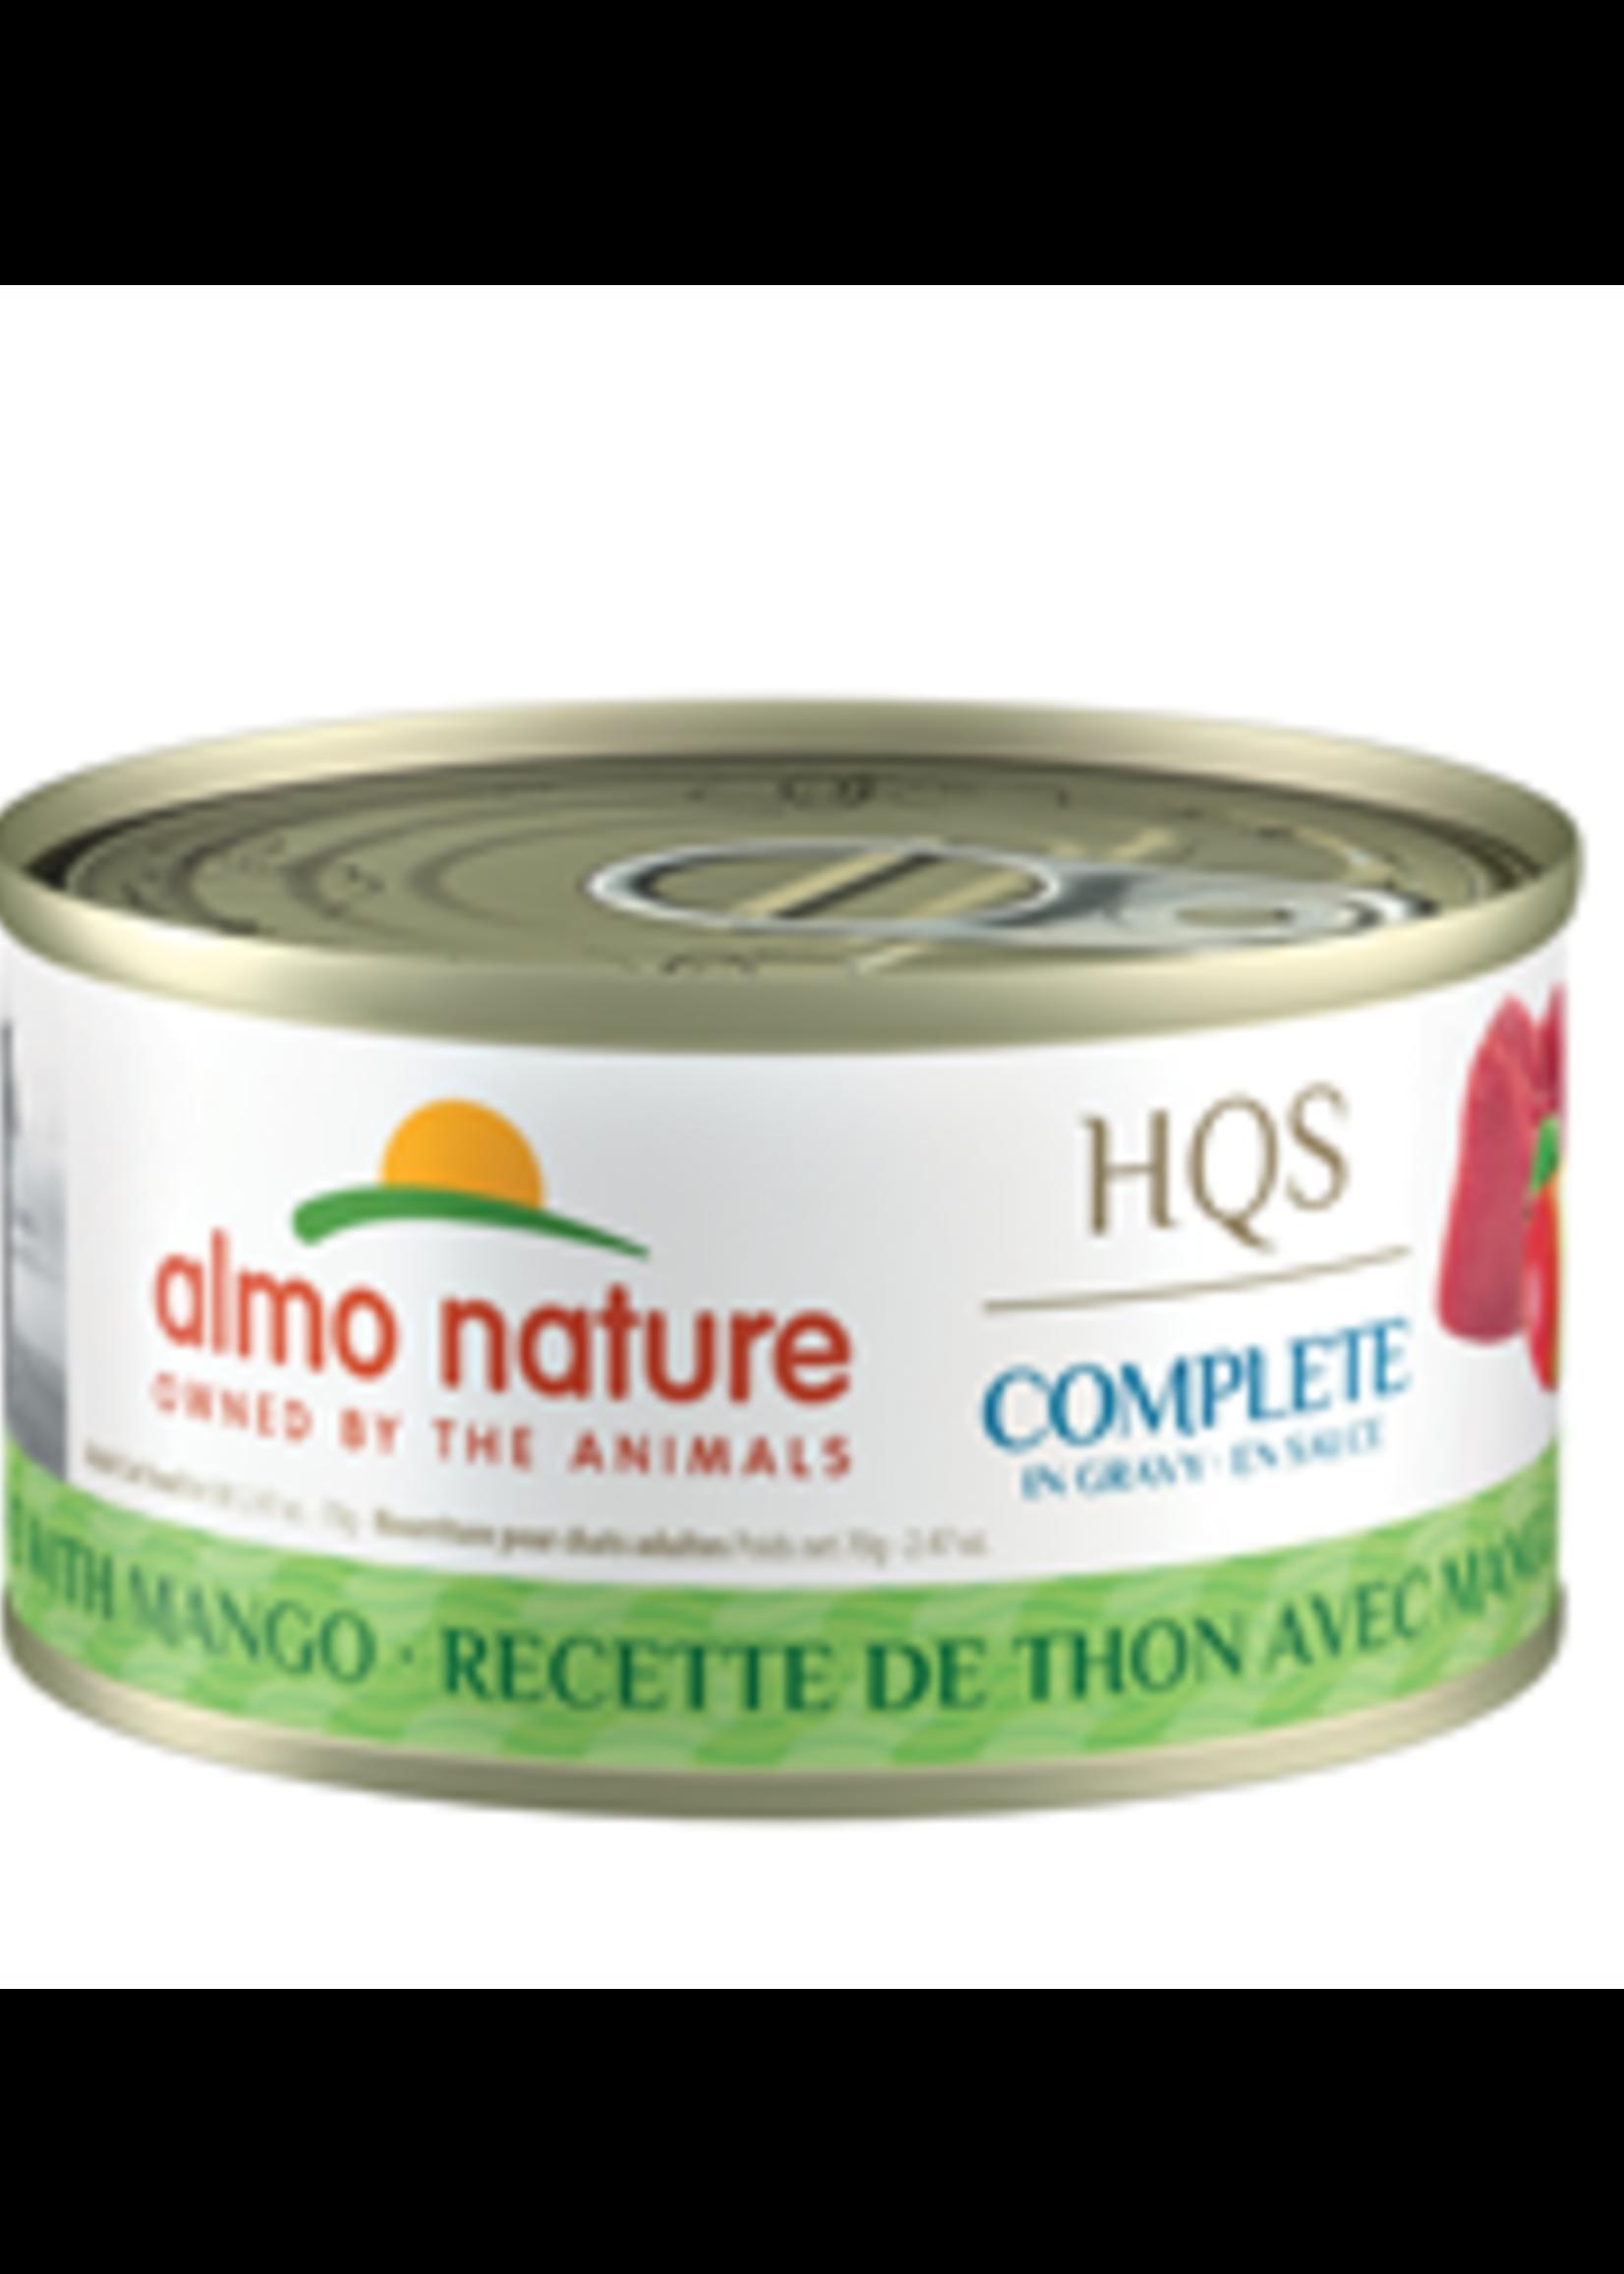 Almo Nature© Almo Nature HQS Complete Tuna Recipe with Mango in Gravy 70g